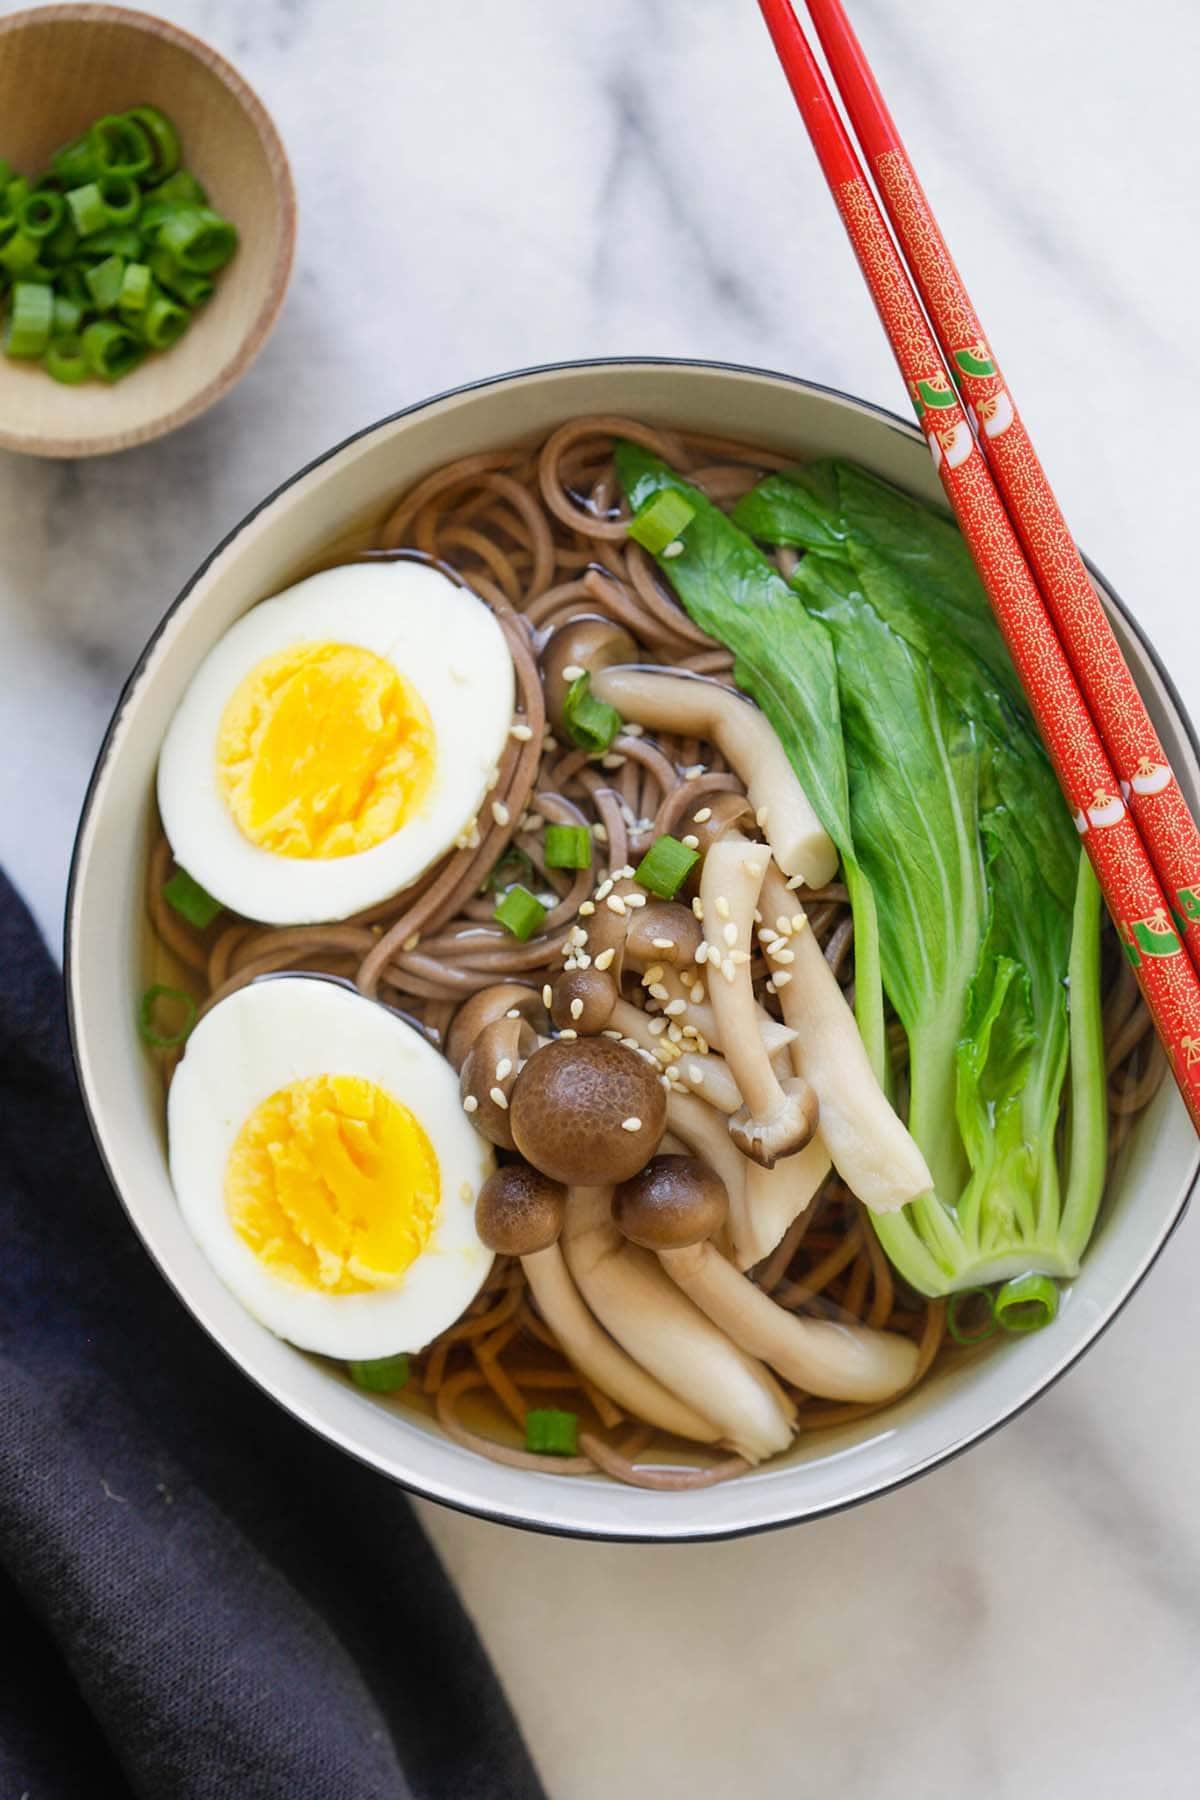 Soupe de nouilles soba japonaise rapide et facile avec des œufs durs et des légumes verts asiatiques dans un bol.